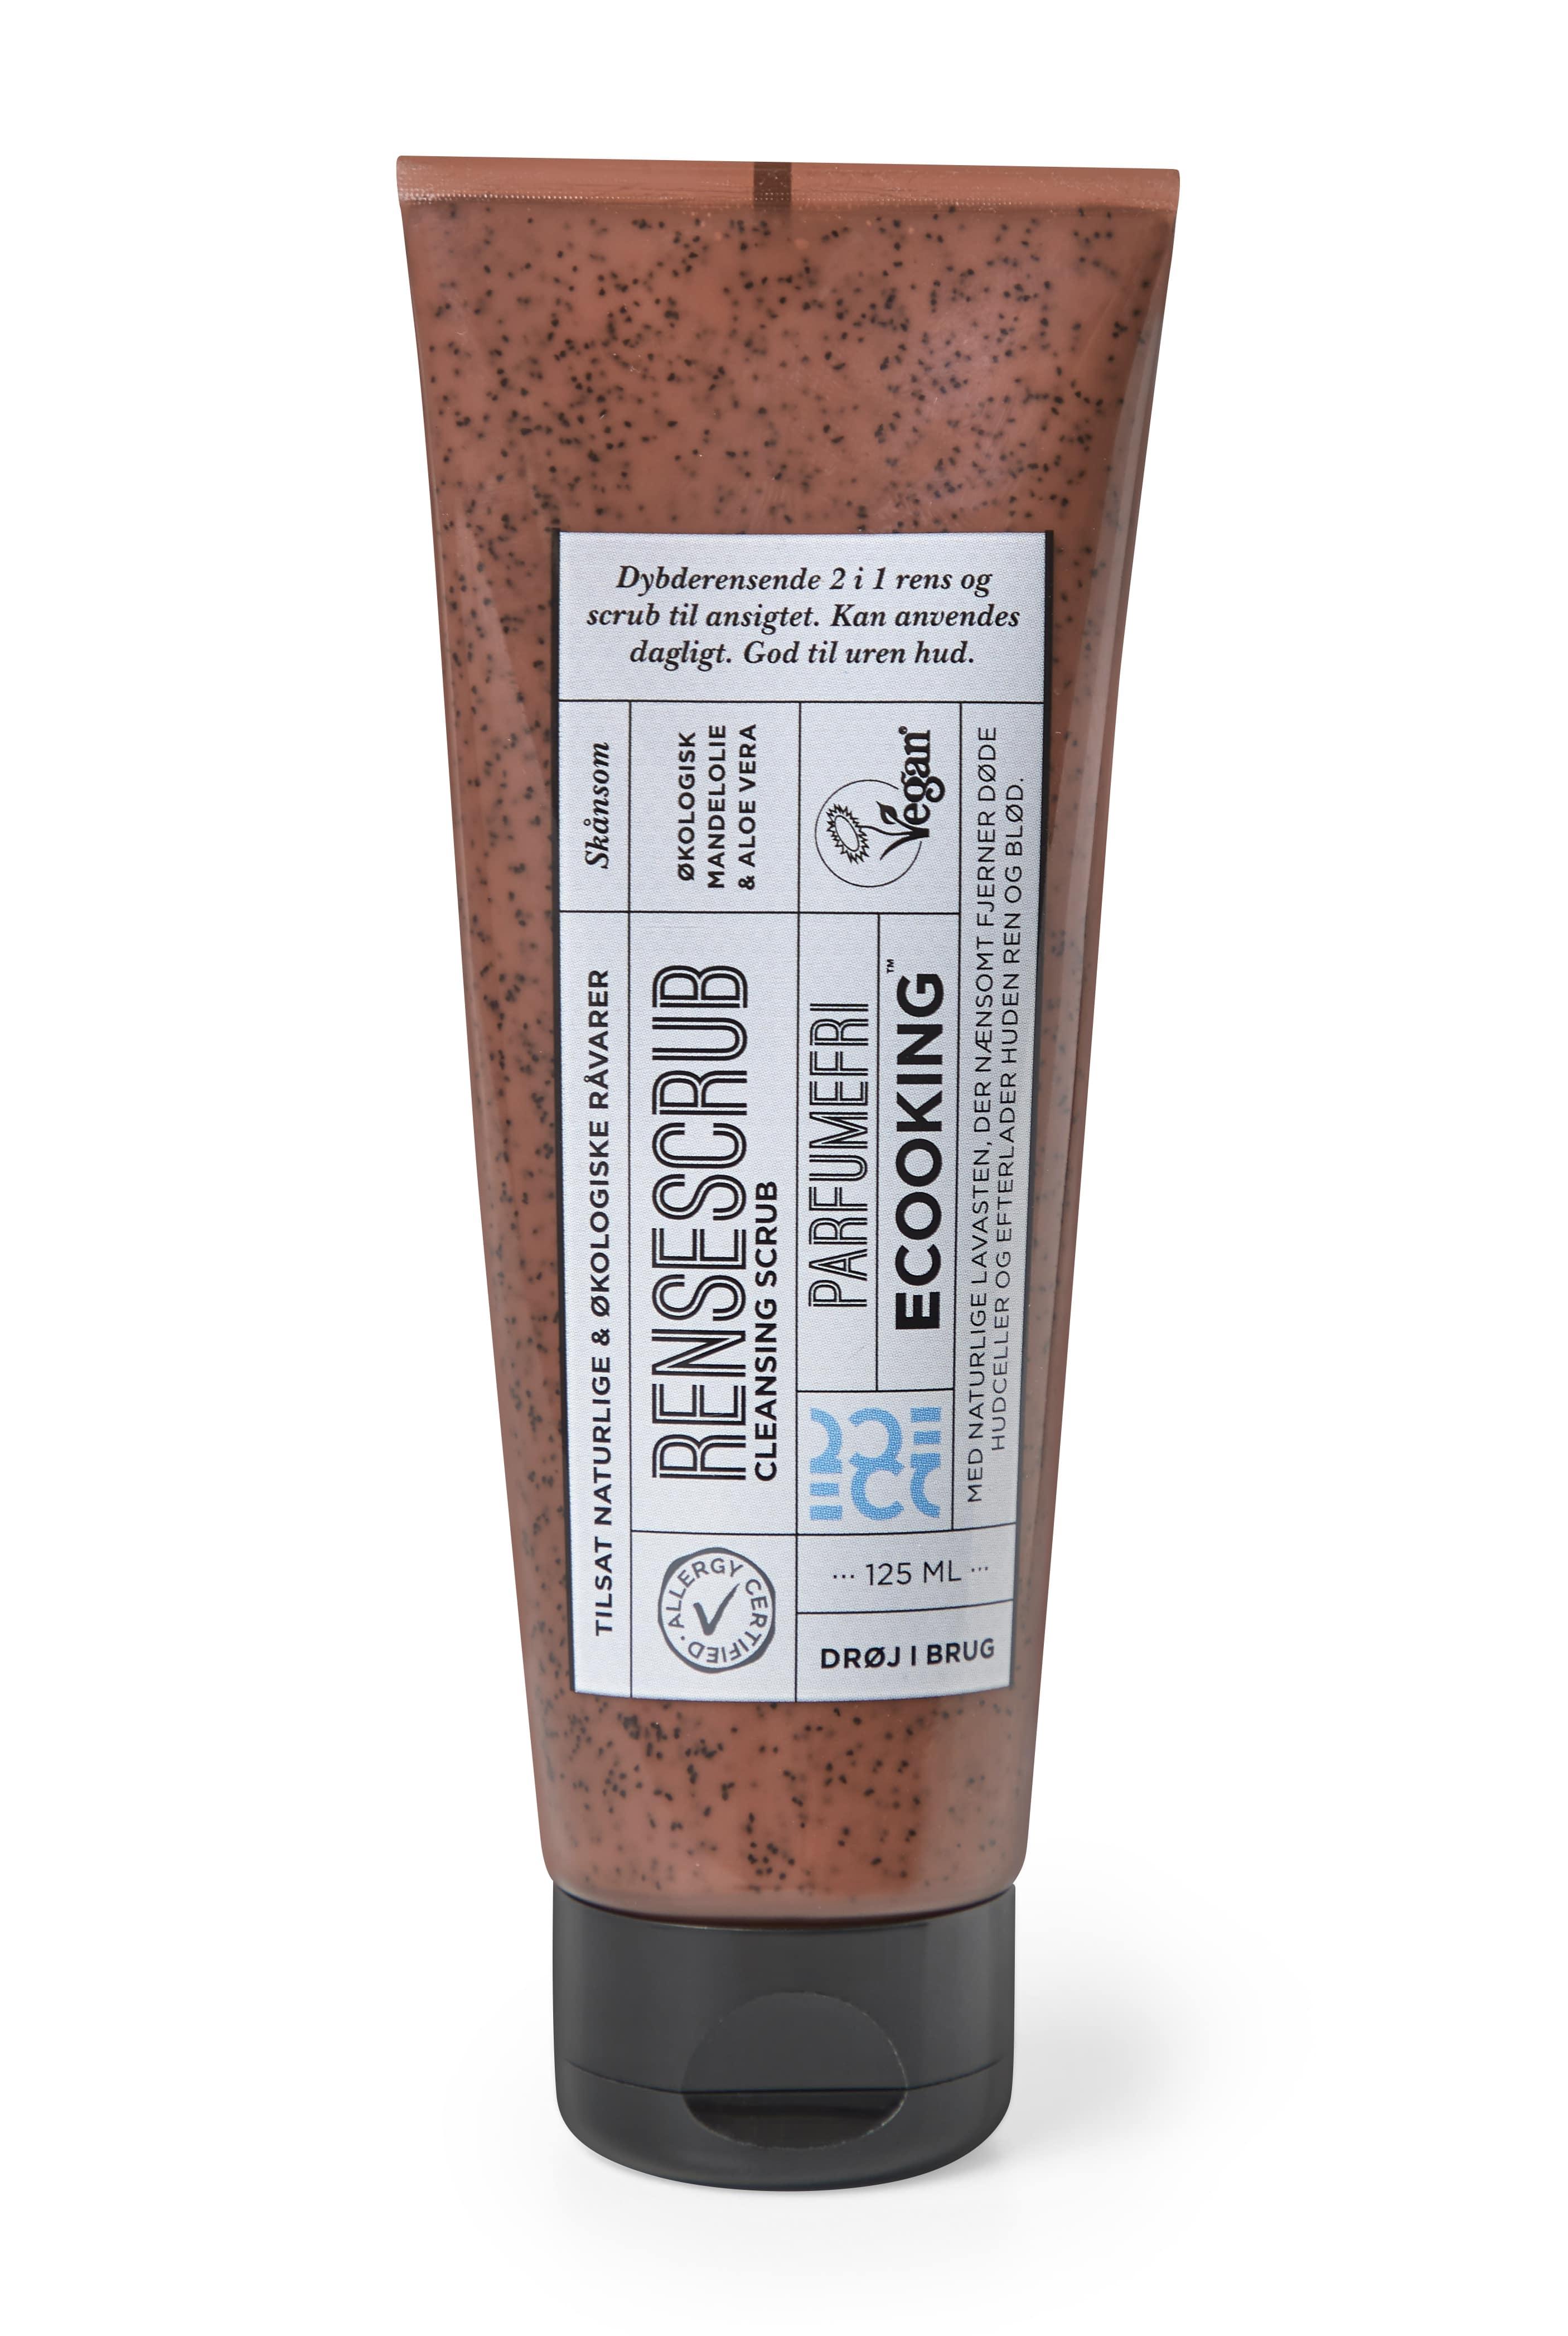 Ecooking Parfumefri Rensescrub, 125 ml